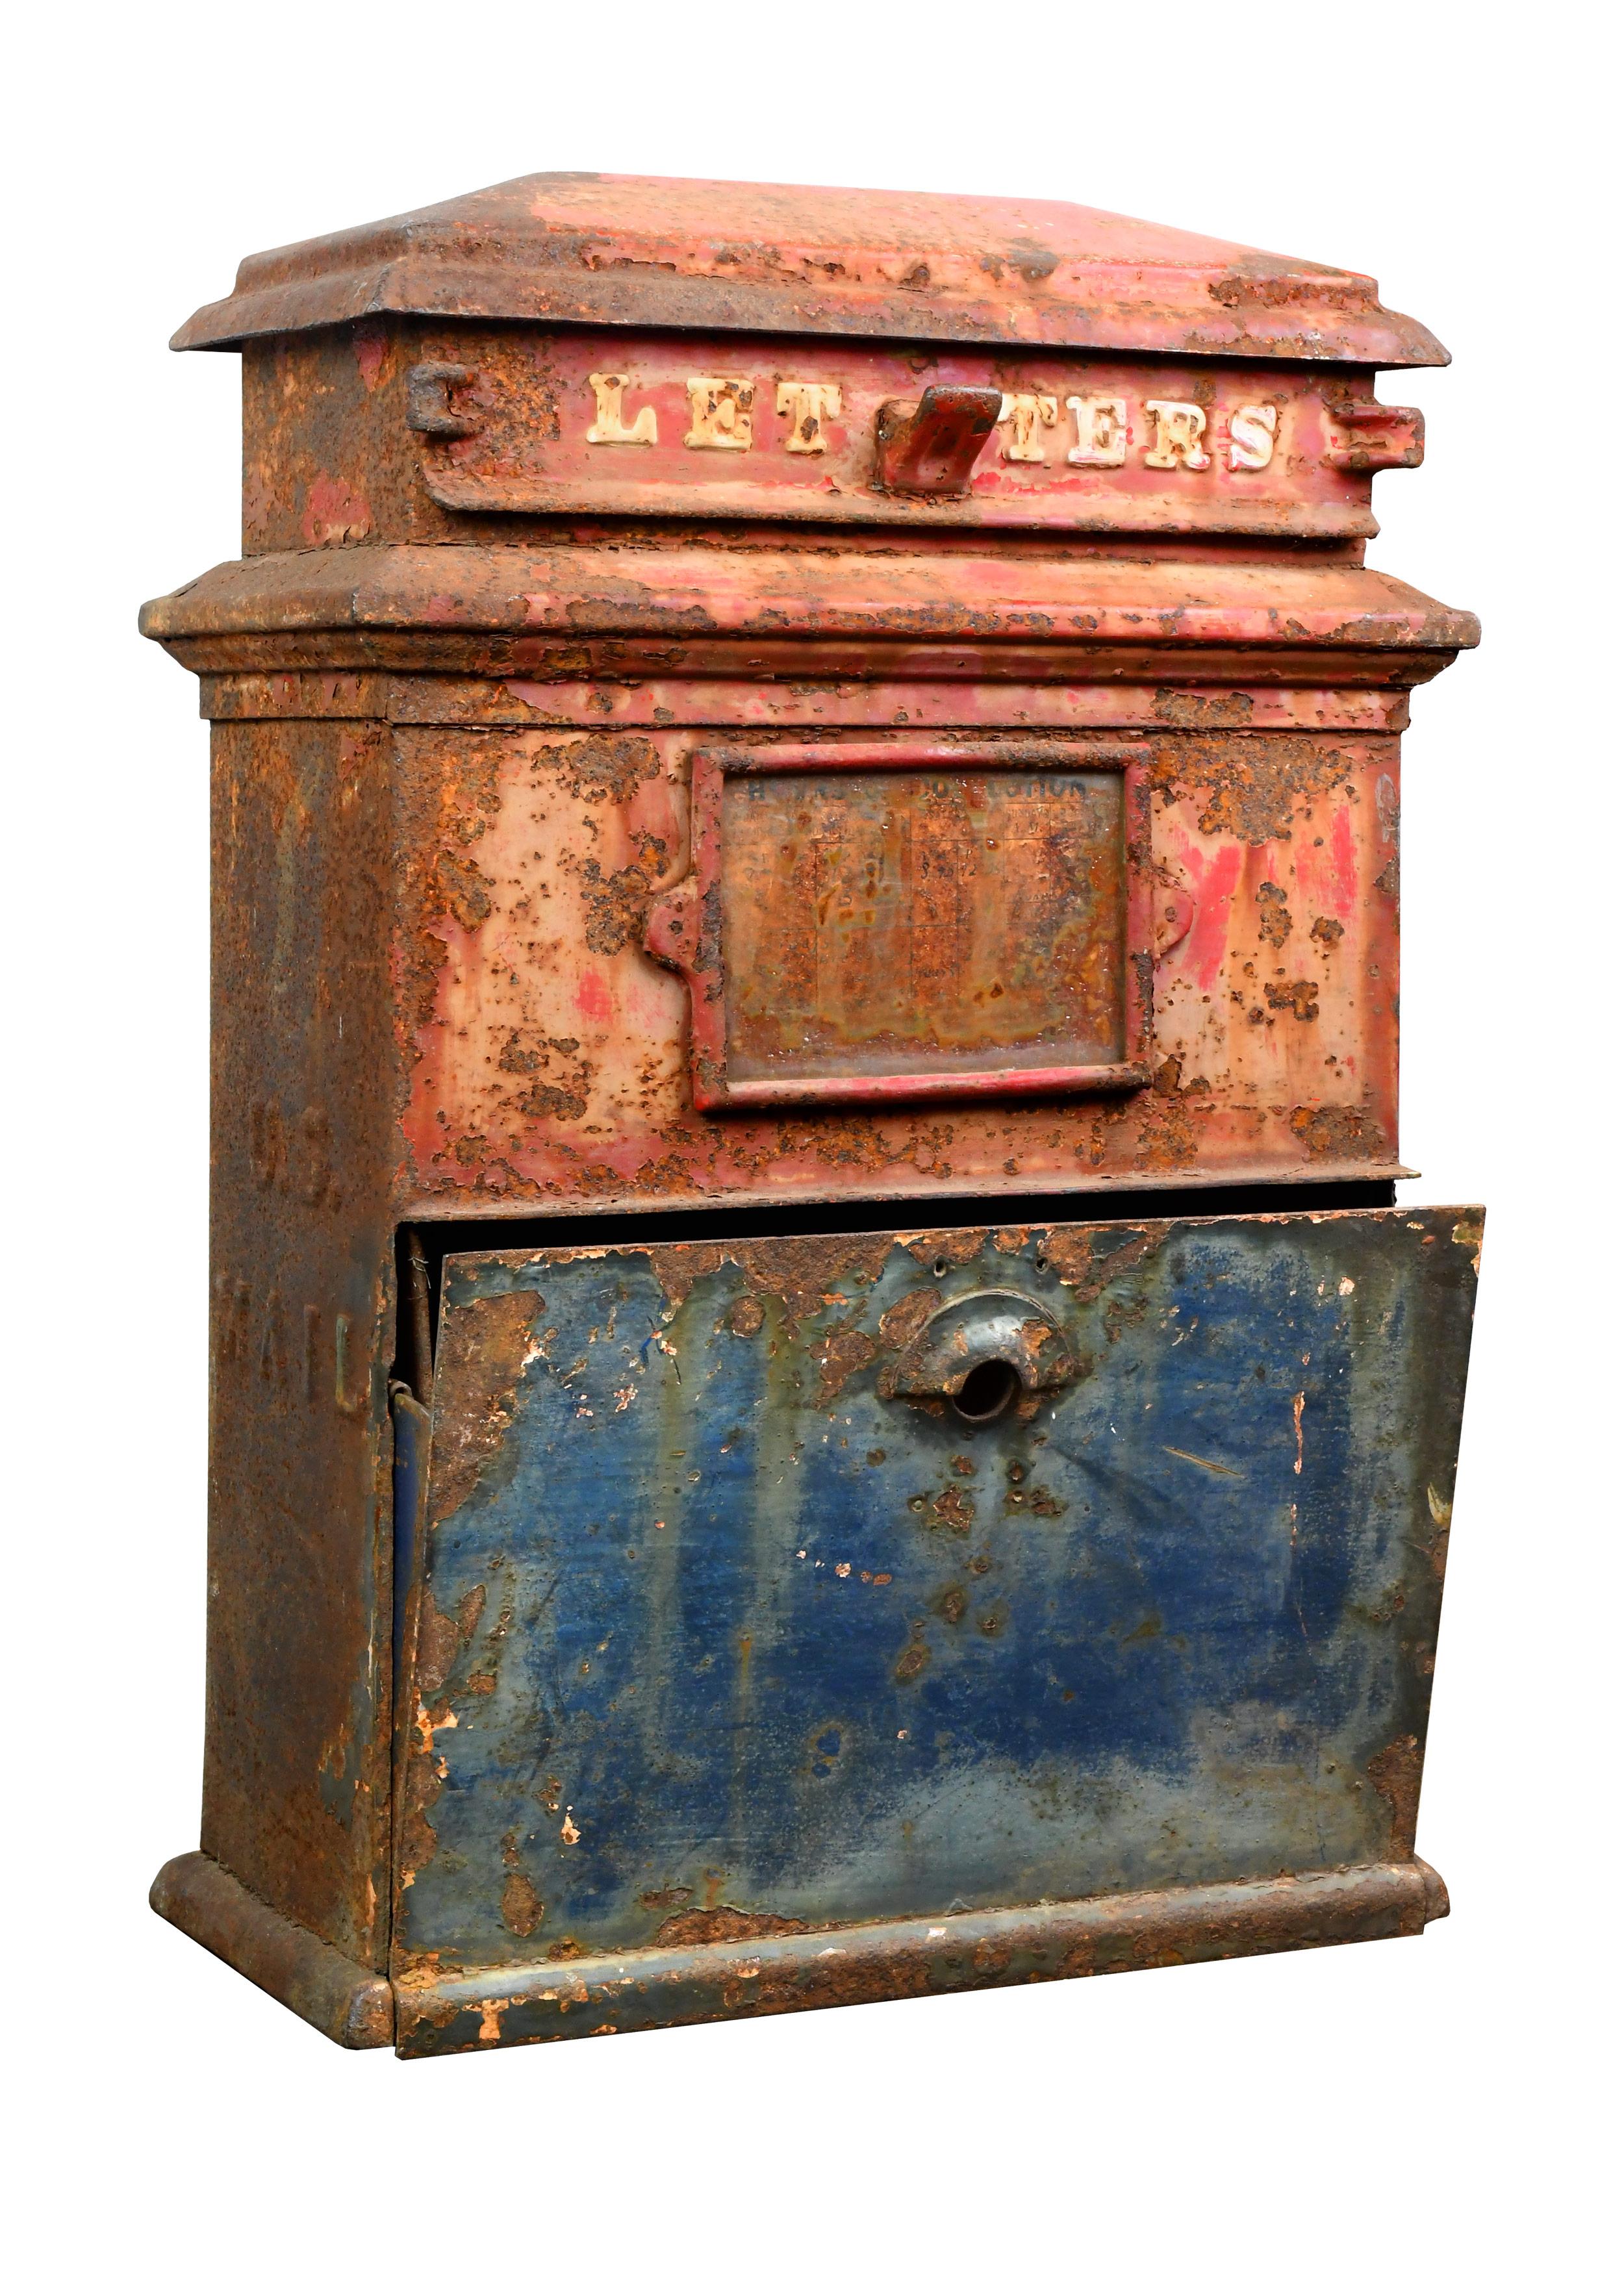 47478-iron-mailbox-angle-full-view.jpg